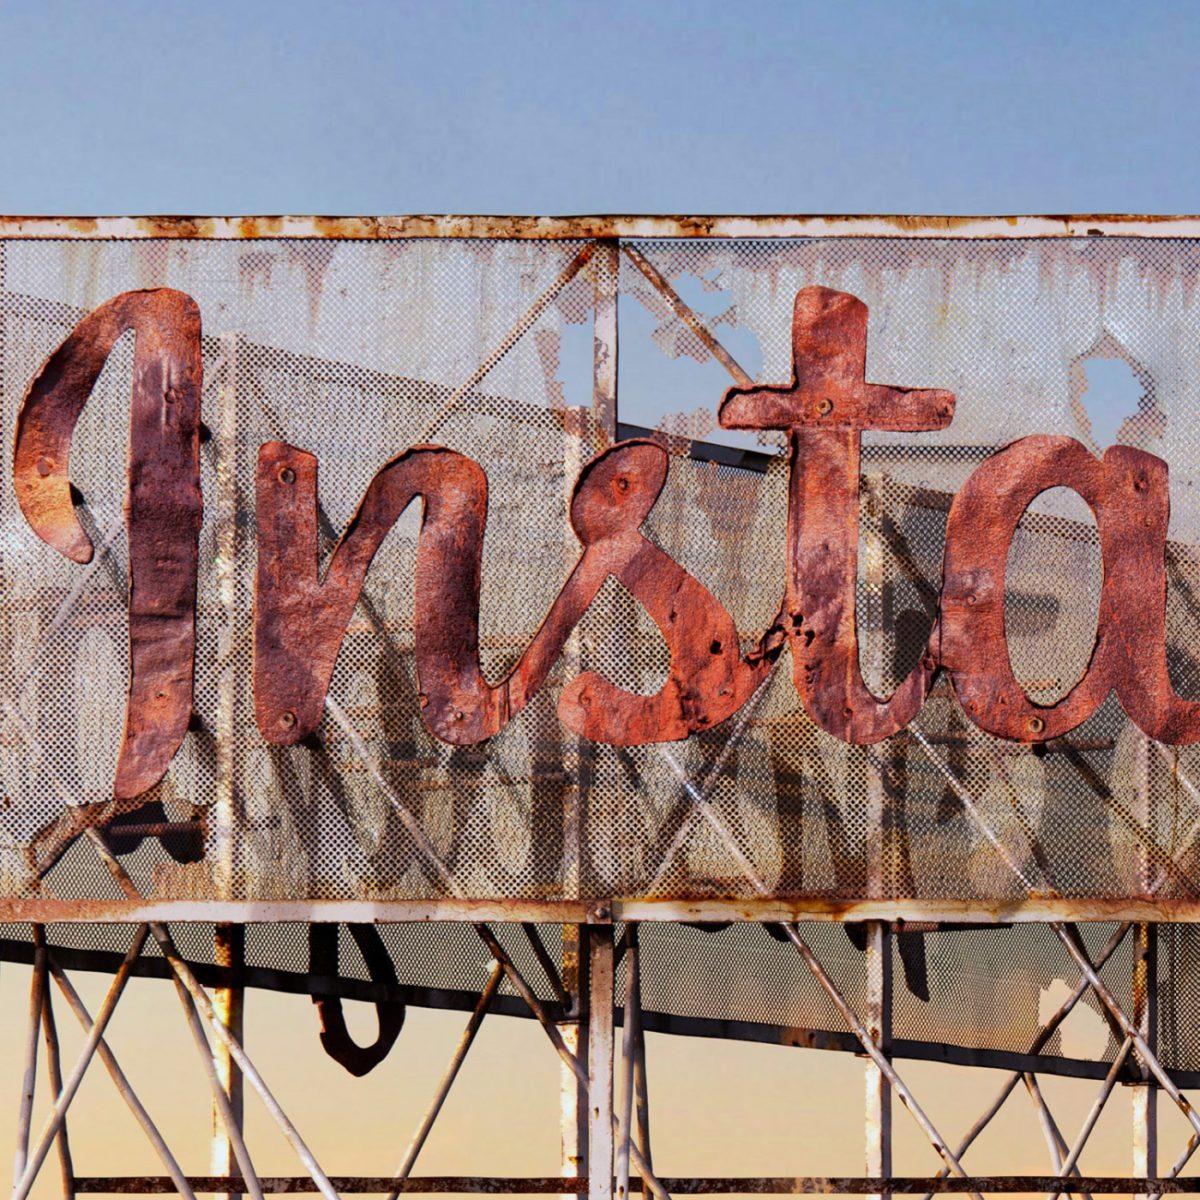 AndreiLacatusu social decay lettres logo enseigne typographie urbain urbex insta - Social decay : les logos de Twitter, Facebook et Tinder transformés en enseignes vintage